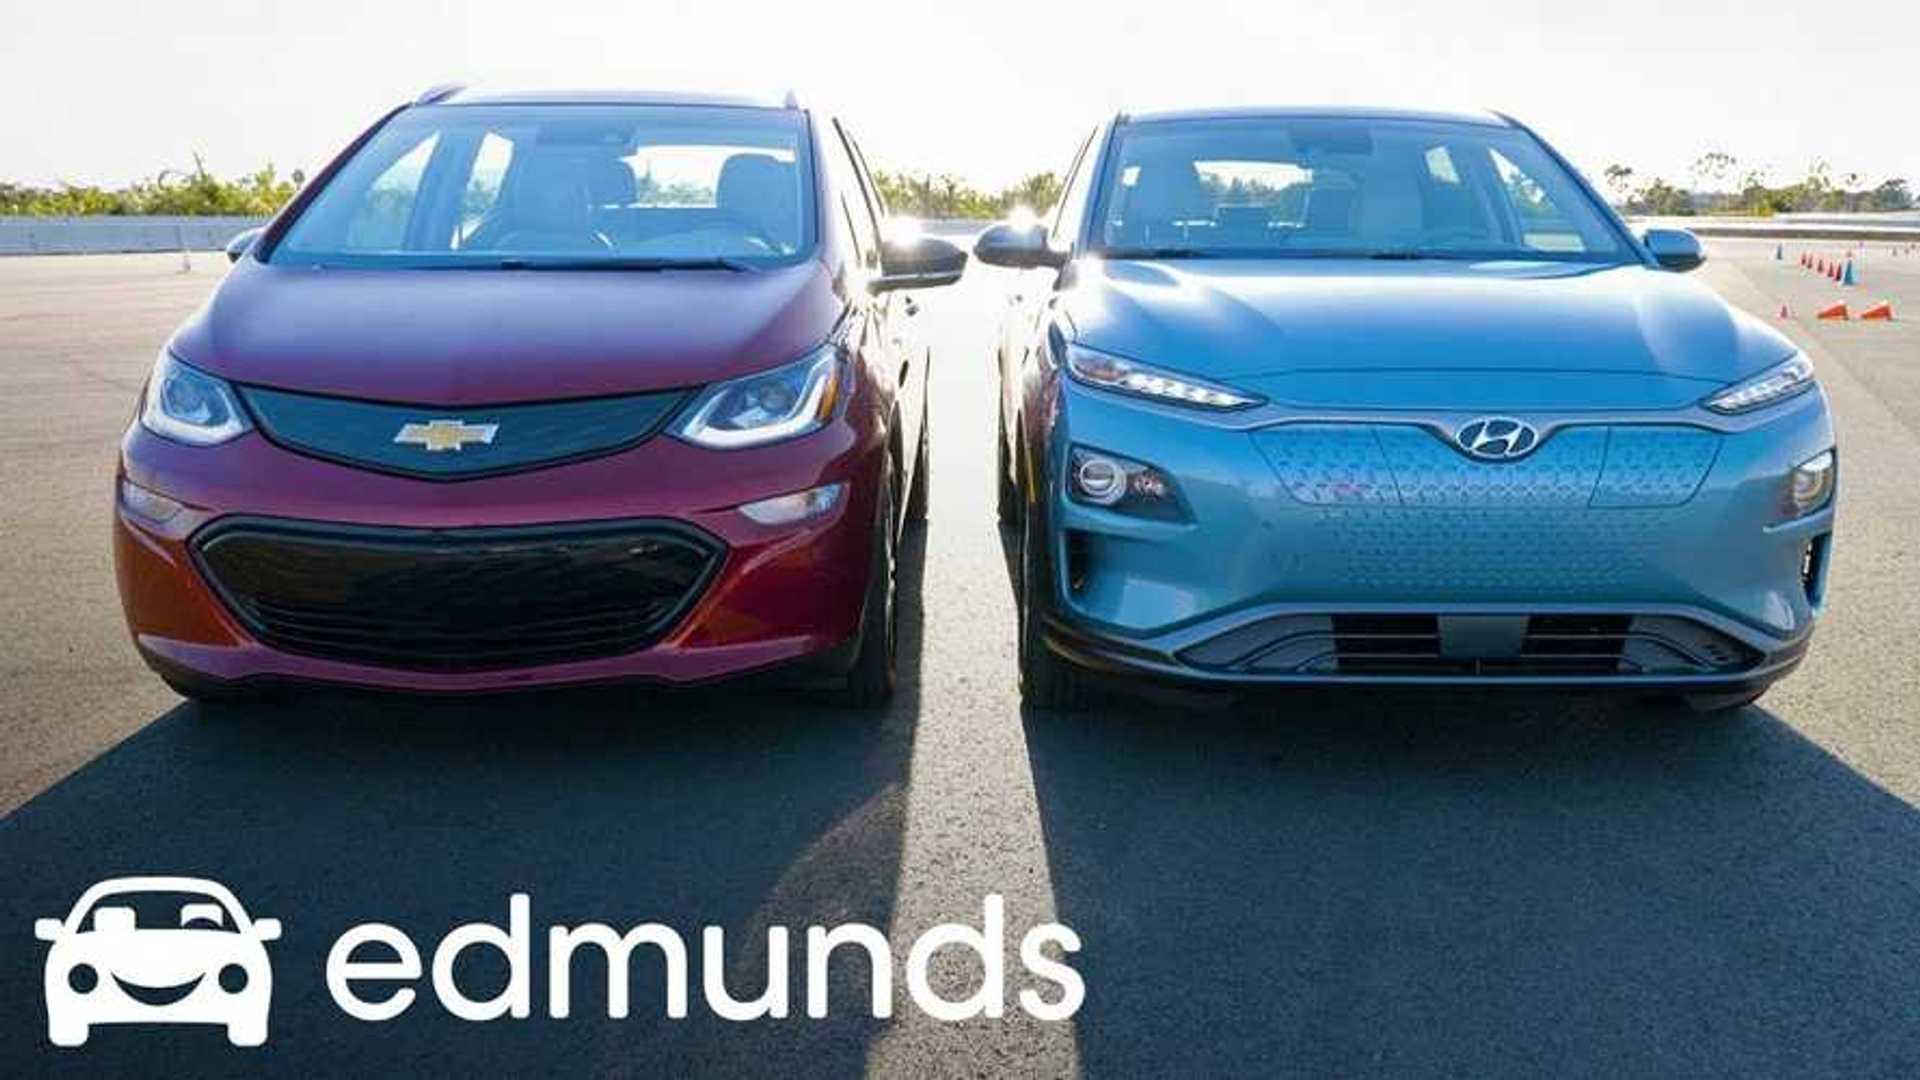 Edmunds Compares Hyundai Kona Electric To Chevy Bolt